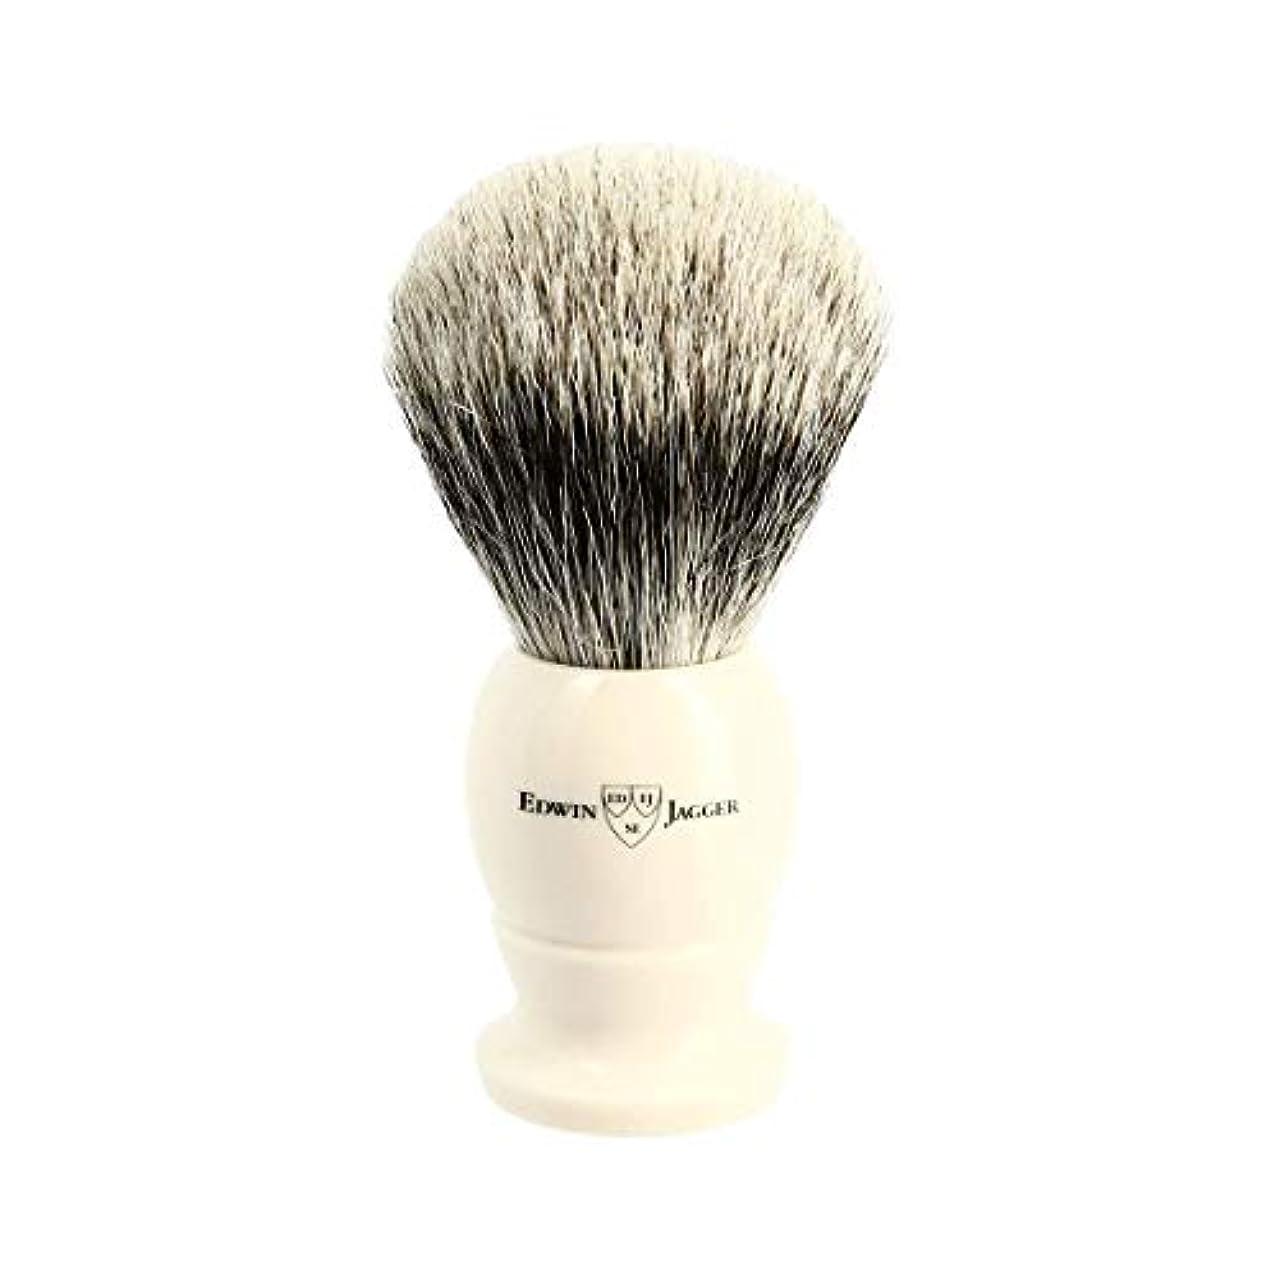 ディプロマエッセンス咽頭エドウィンジャガー アイボリー ベストバッジャーアナグマ毛 シェービングブラシ大3EJ877[海外直送品]Edwin Jagger Ivory Best Badger Shaving Brush Large 3EJ877...